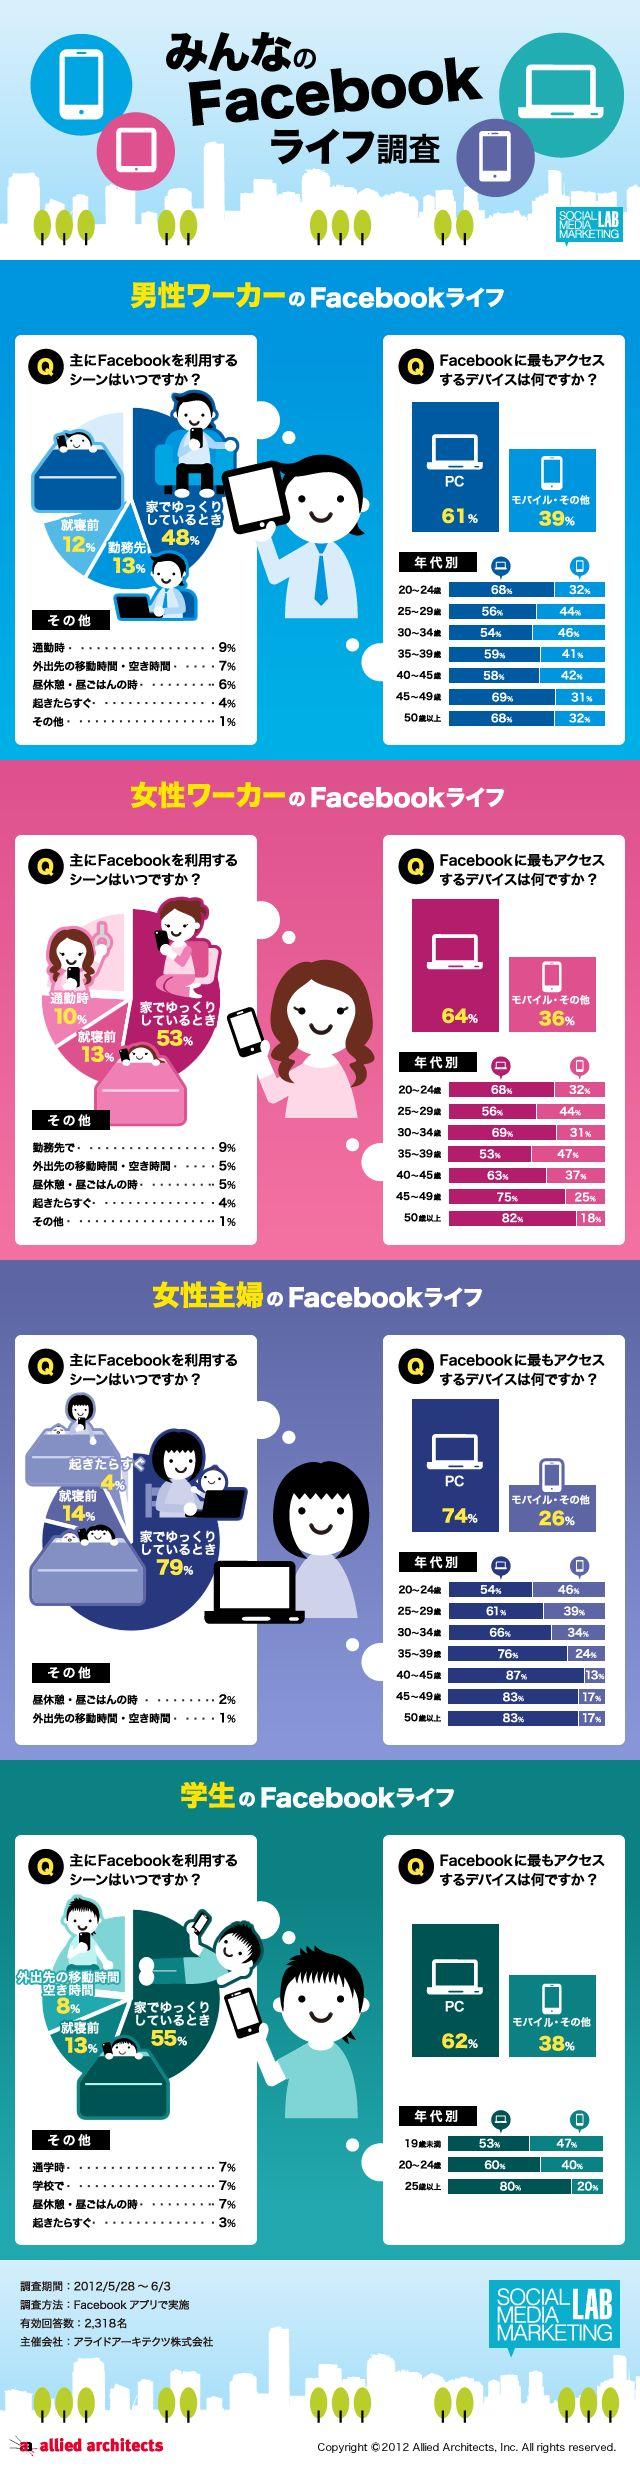 国内Facebookインフォグラフィックス